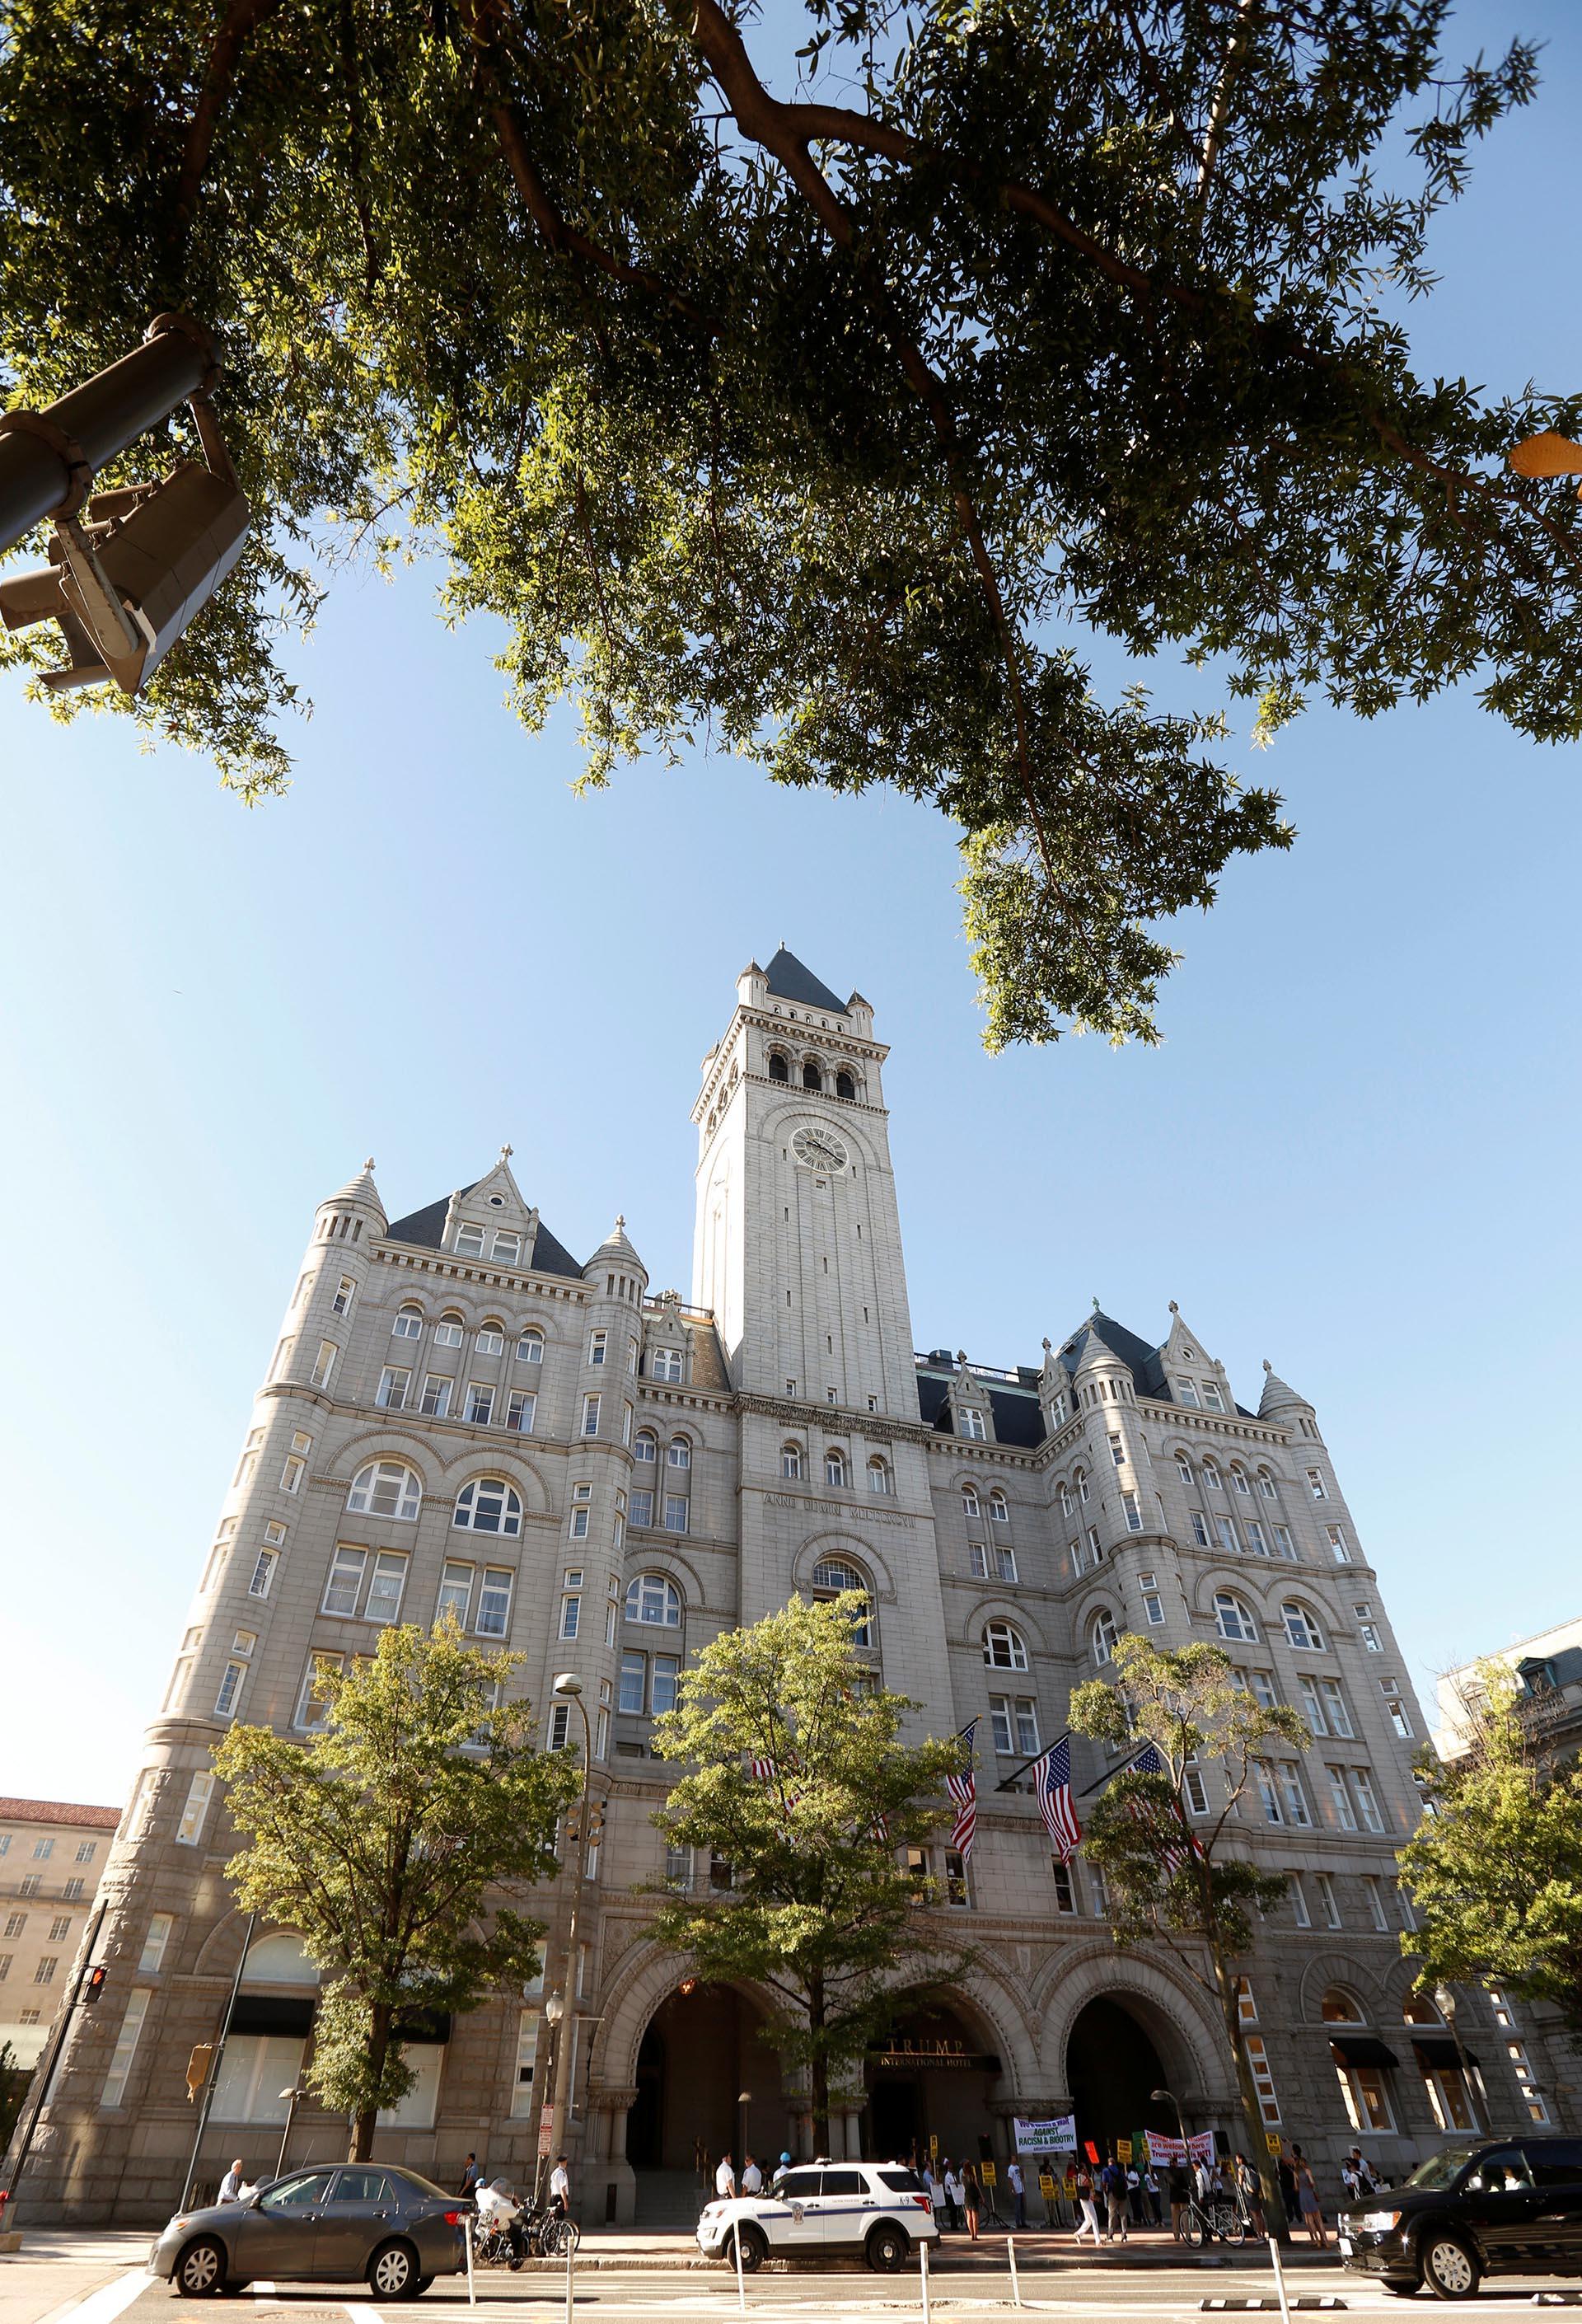 El Old Post Office de Washington DC fue remodelado absolutamente por Donald Trump. Invirtió 200 millones de dólares. Inauguró hoy en medio de protestas (Reuters)